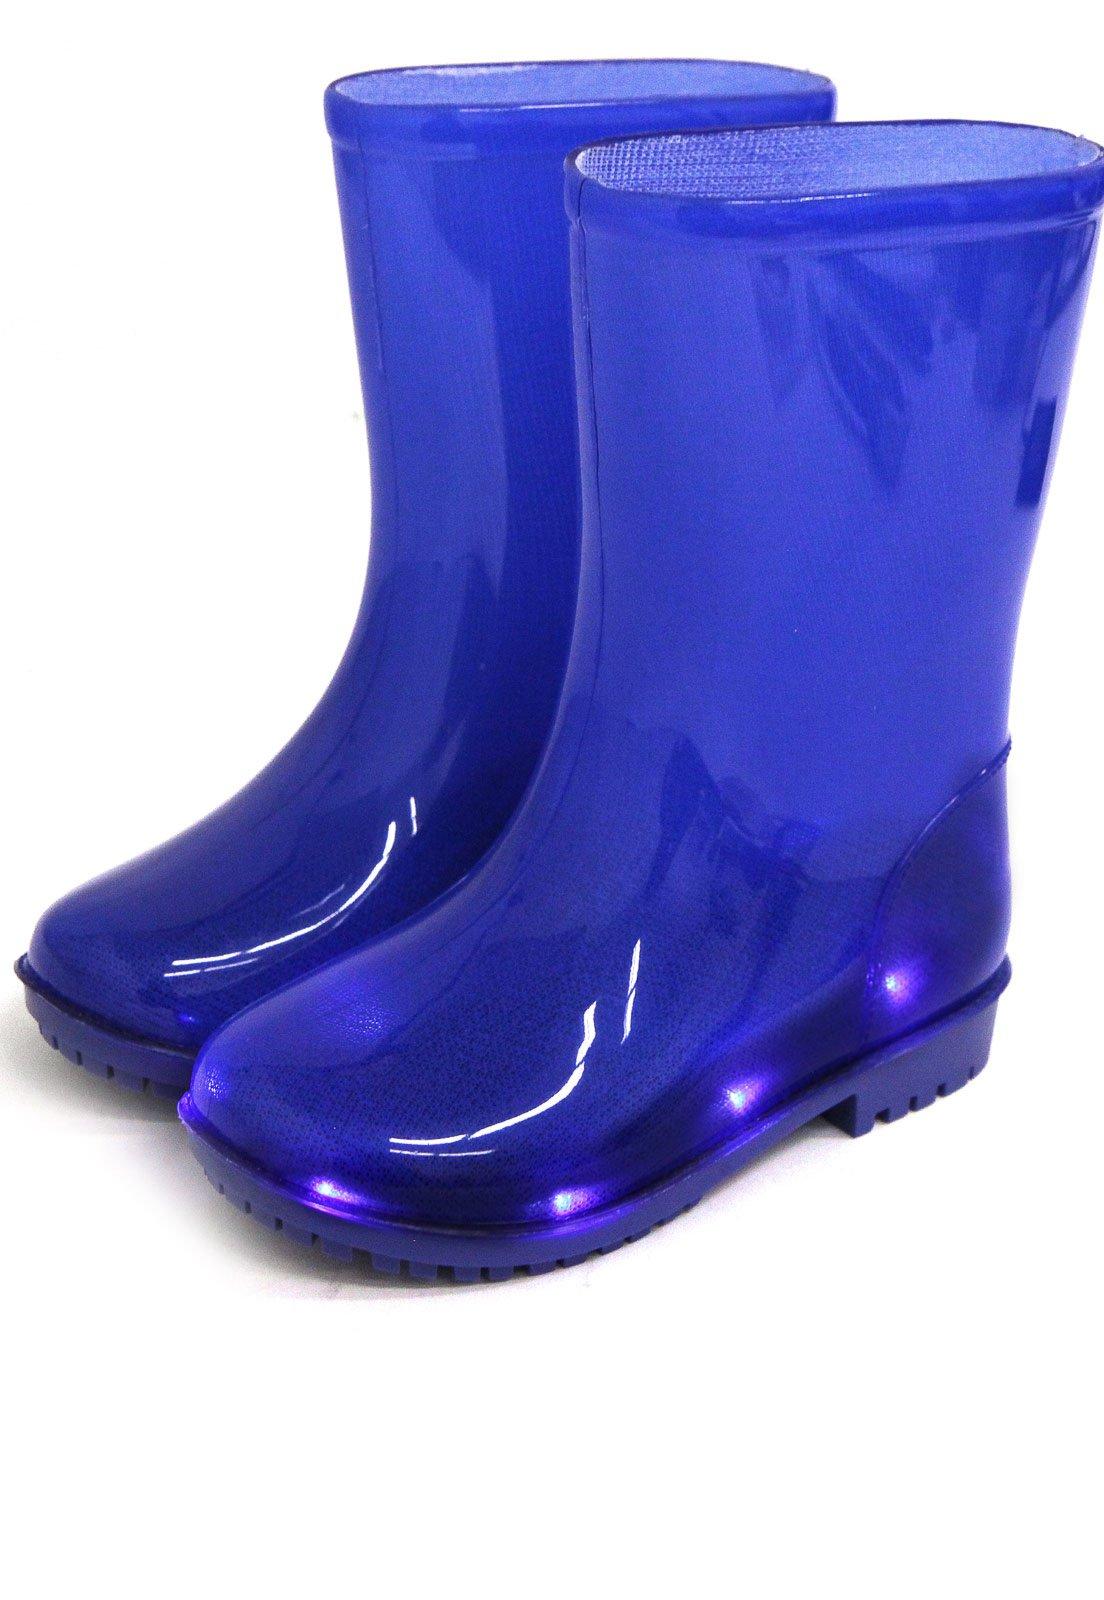 01a3f953392 Galocha World Colors Tom Led Azul - Compre Agora